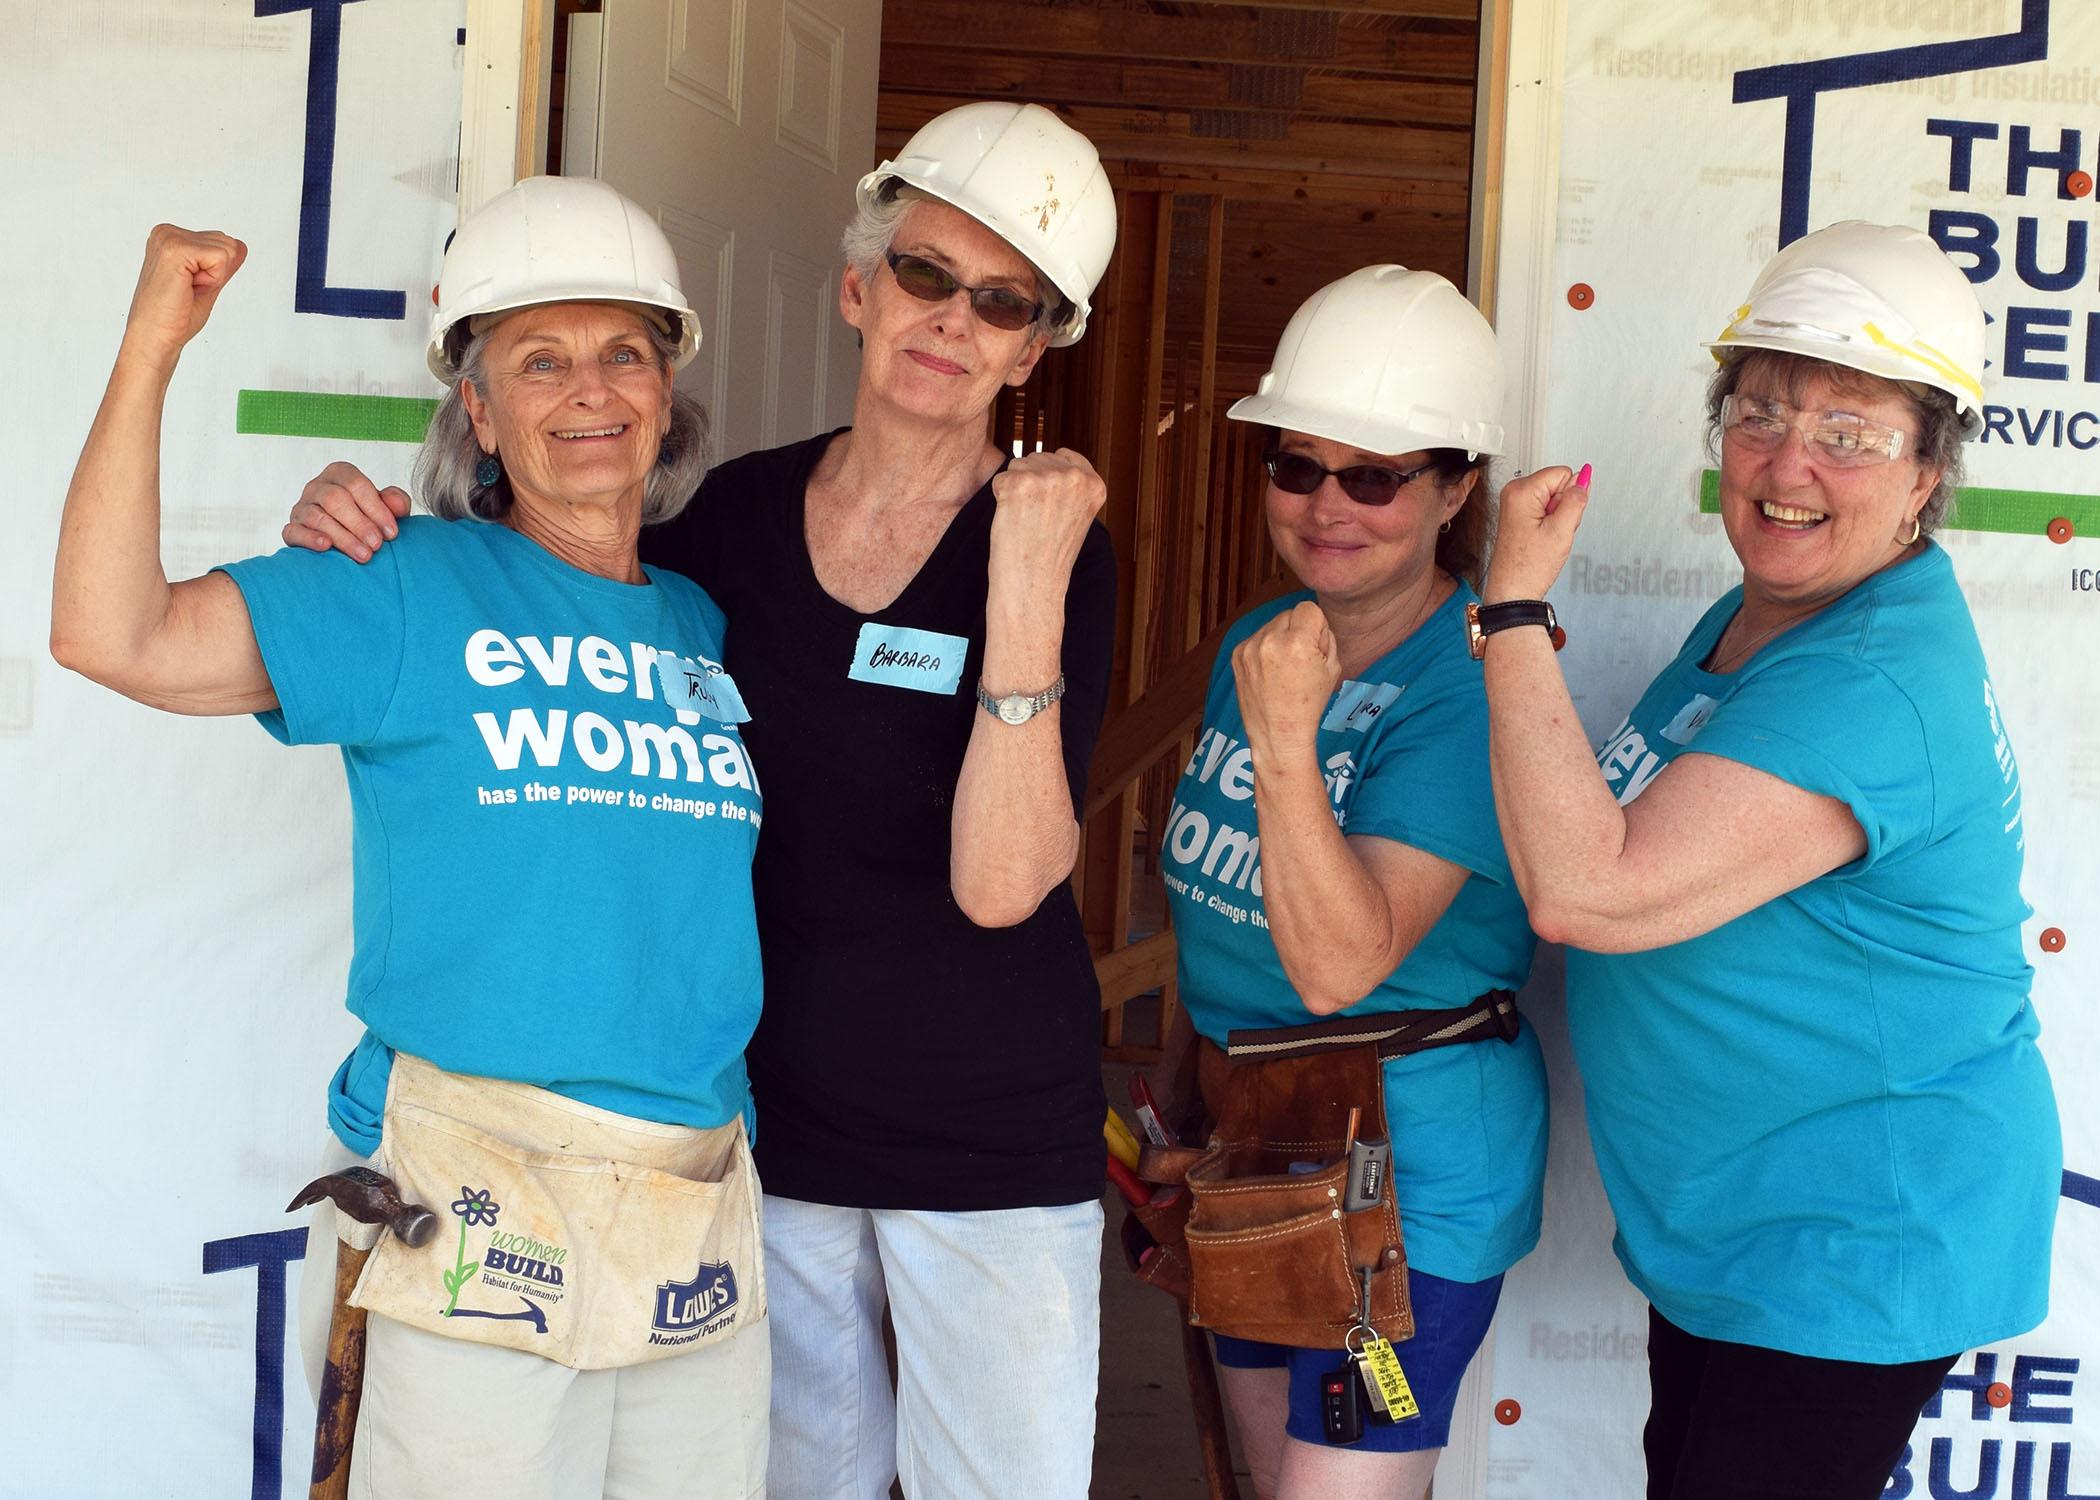 Team Trudy Women Build Volunteers